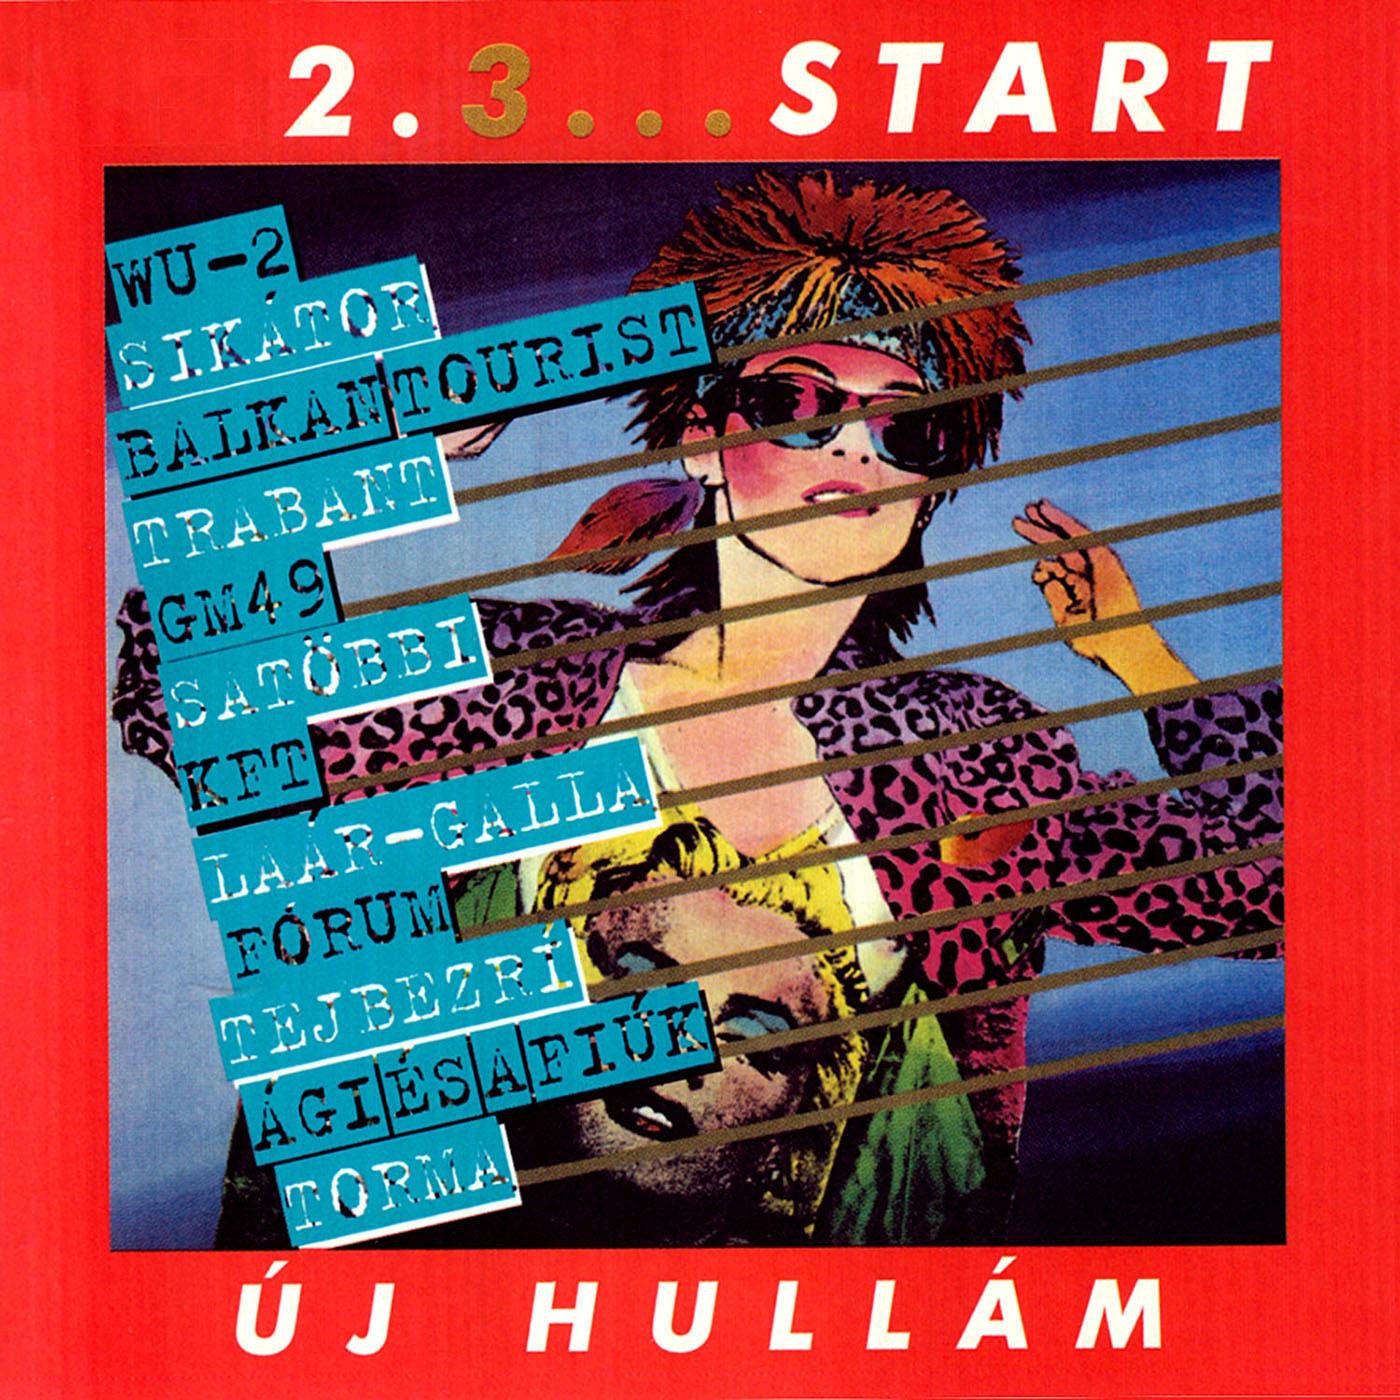 1. 2. 3 … Start - Új Hullám